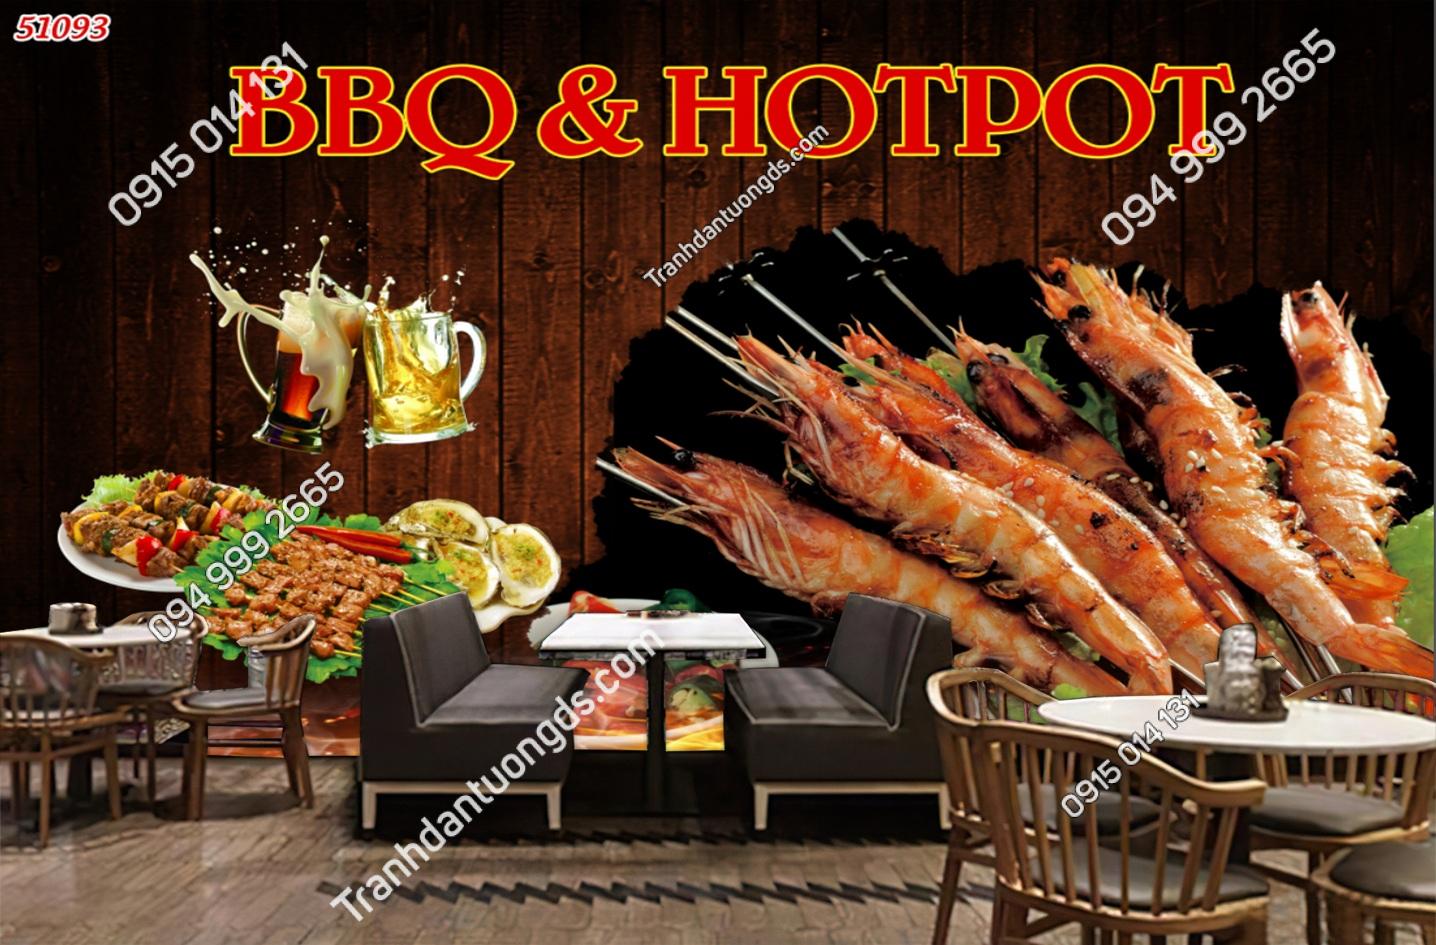 Tranh dán tường quán ăn nhanh BBQ HOTPOT 51093